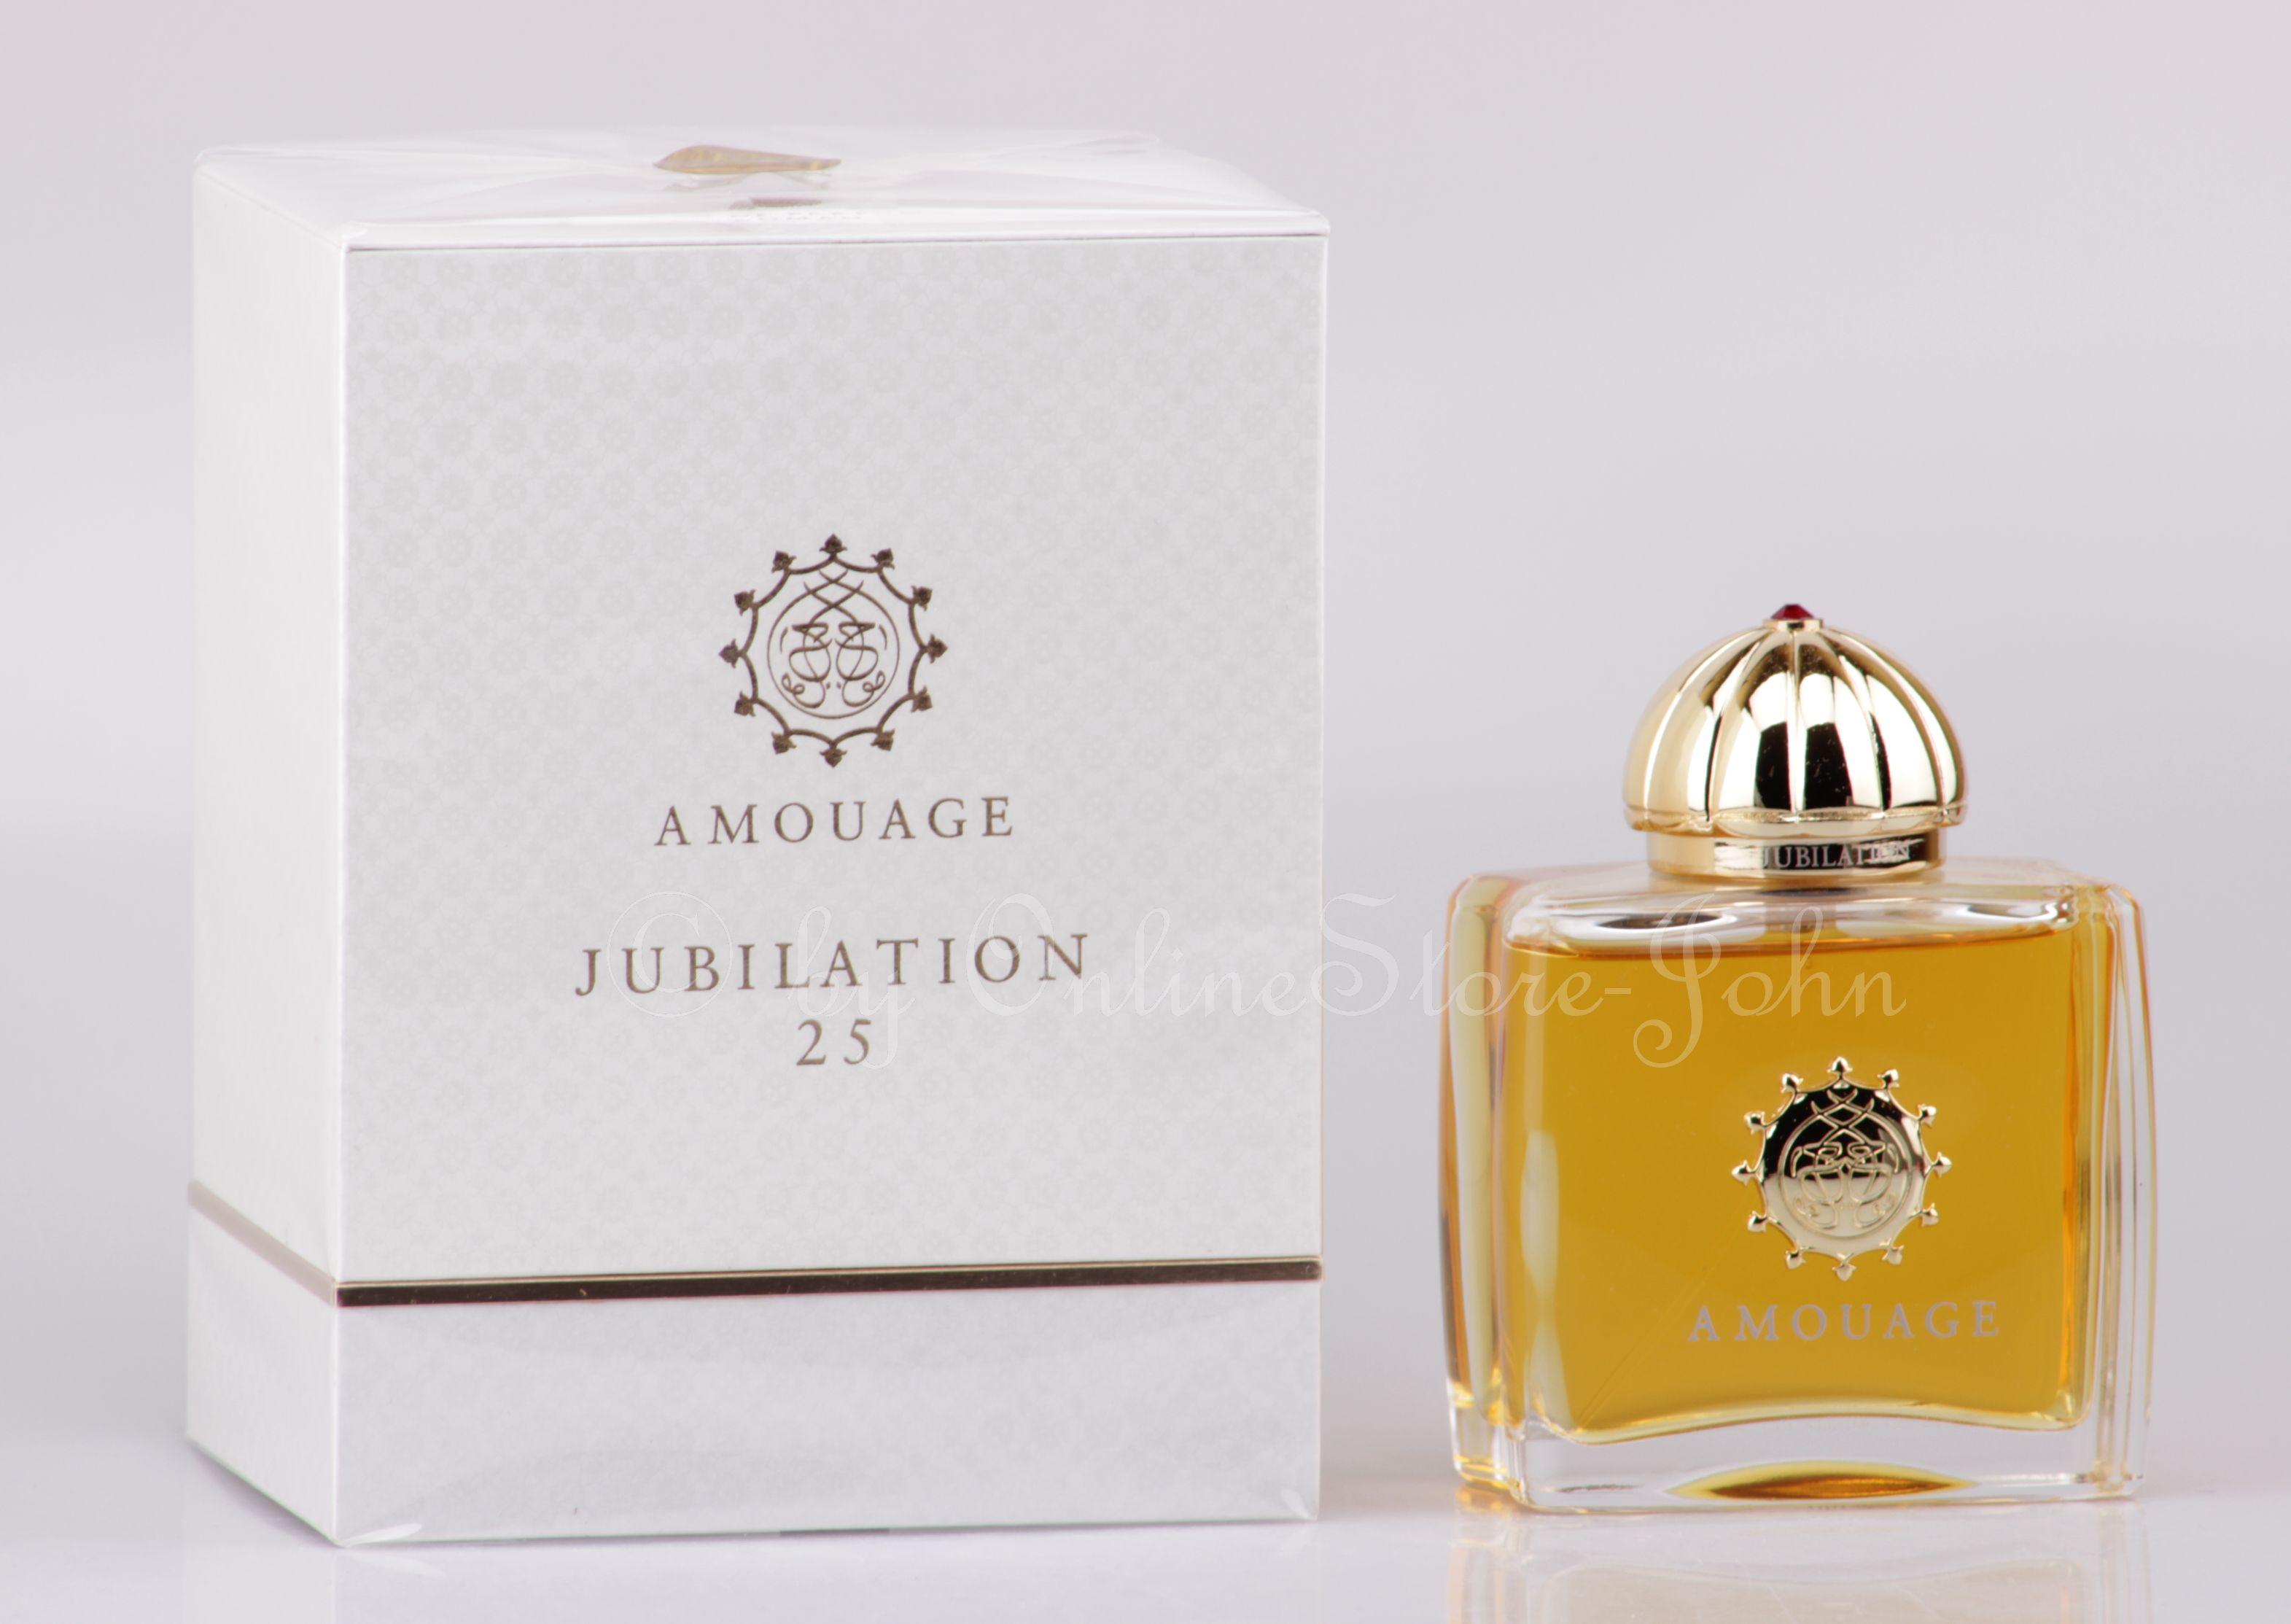 Amouage - Jubilation 25 for Woman - 100ml EDP Eau de Parfum d5a3ea493fb7e